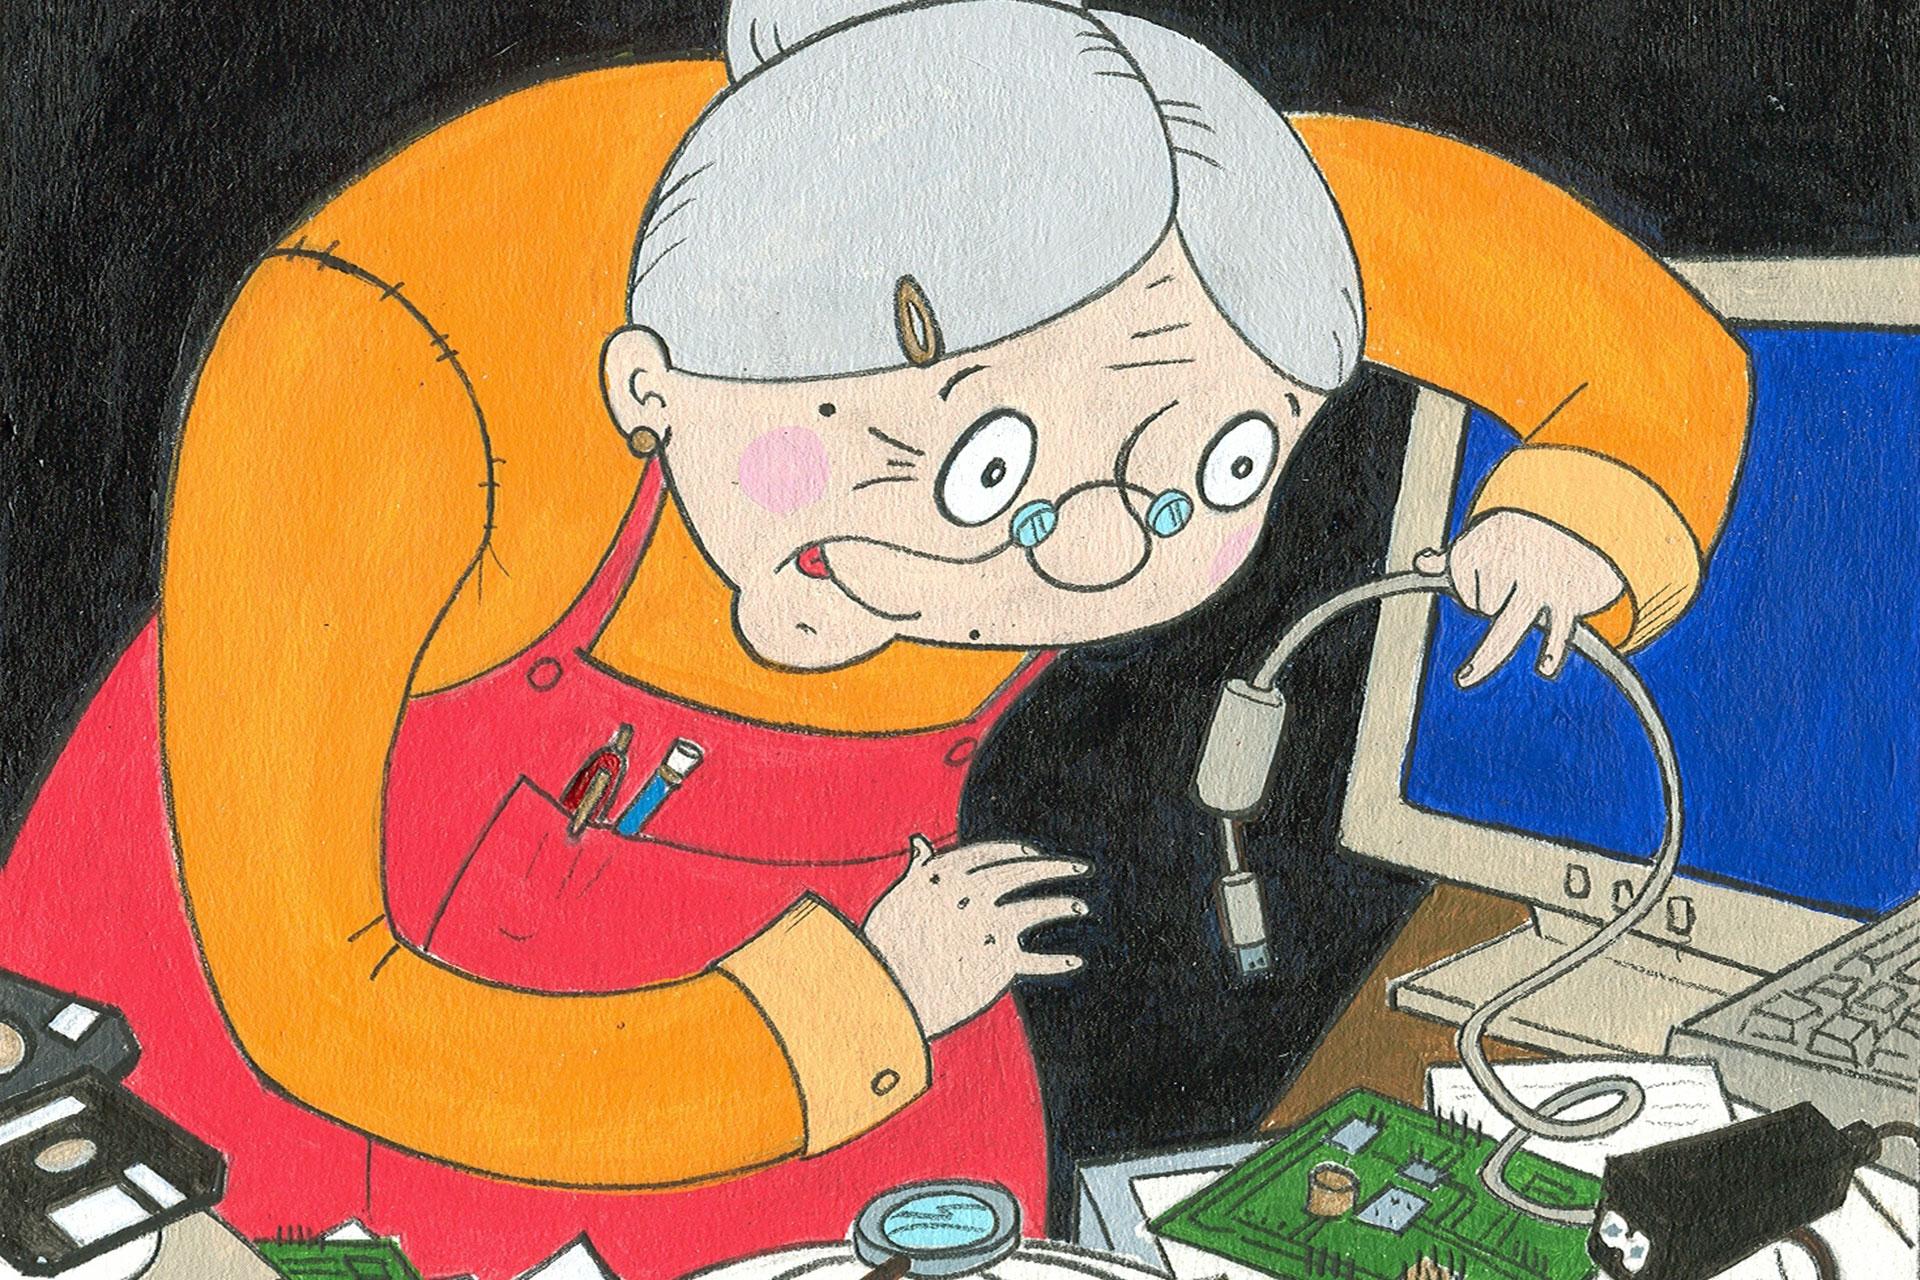 Dessin représentant une vieille dame découvrant le système électrique d'un ordinateur